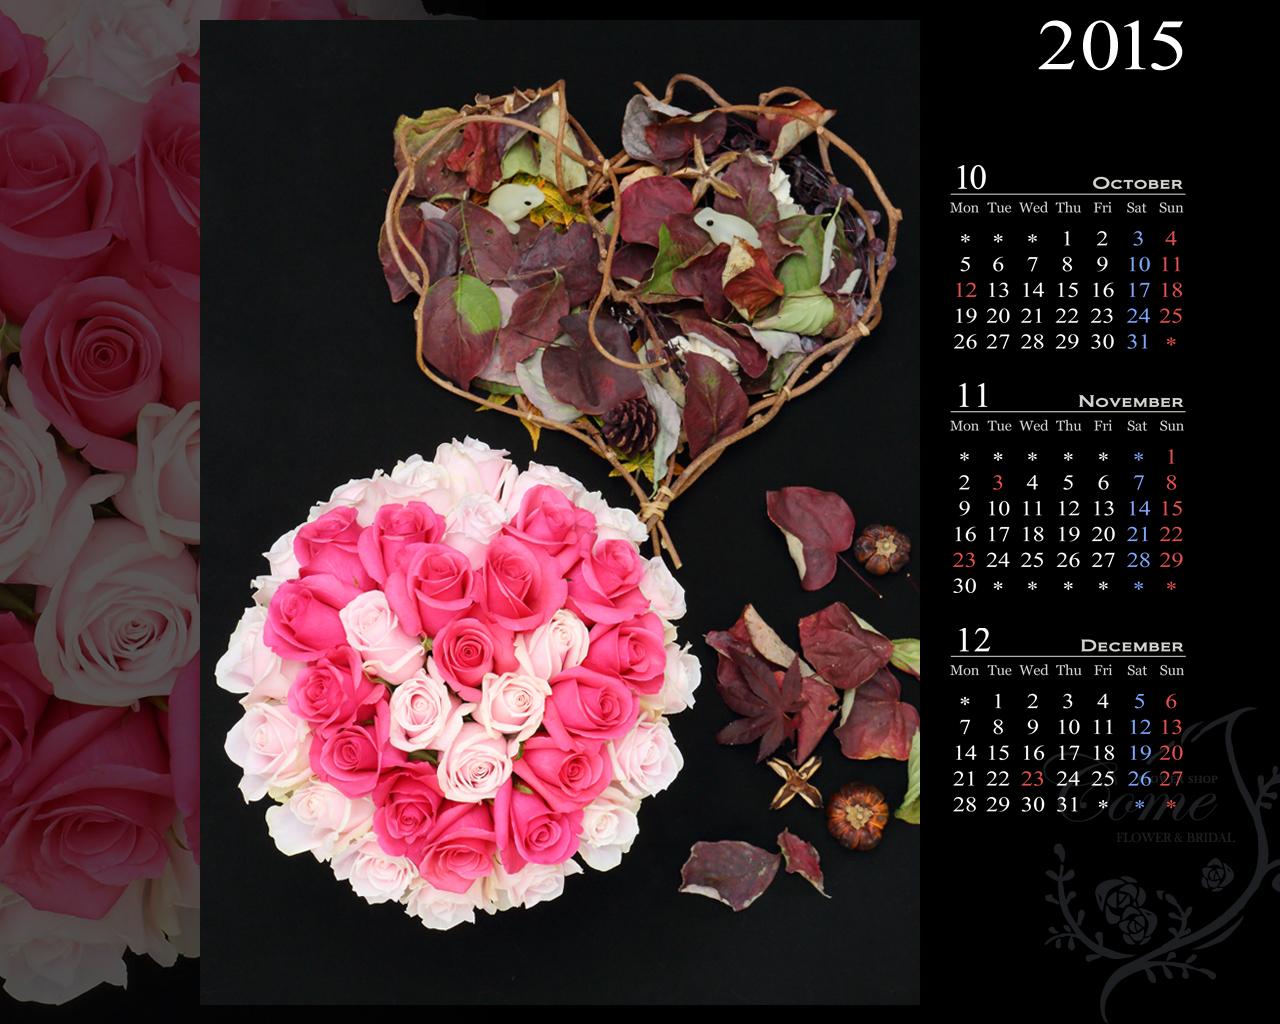 15年壁紙カレンダープレゼント 無料 花の写真を使った壁紙カレンダーを無料でダウンロード フラワーショップ花夢